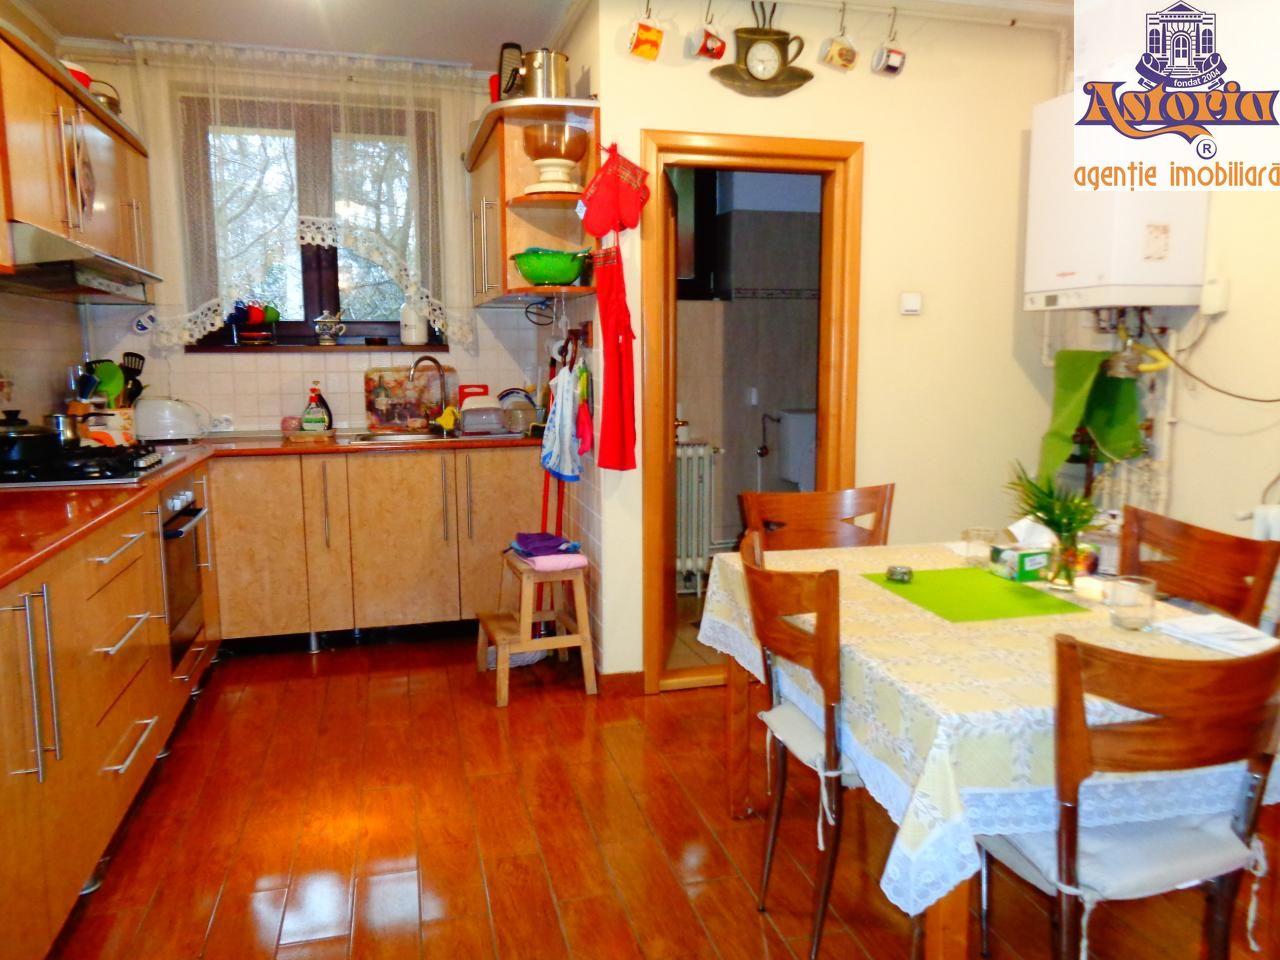 Casa de vanzare, Pitesti, Arges, Banat - Foto 3